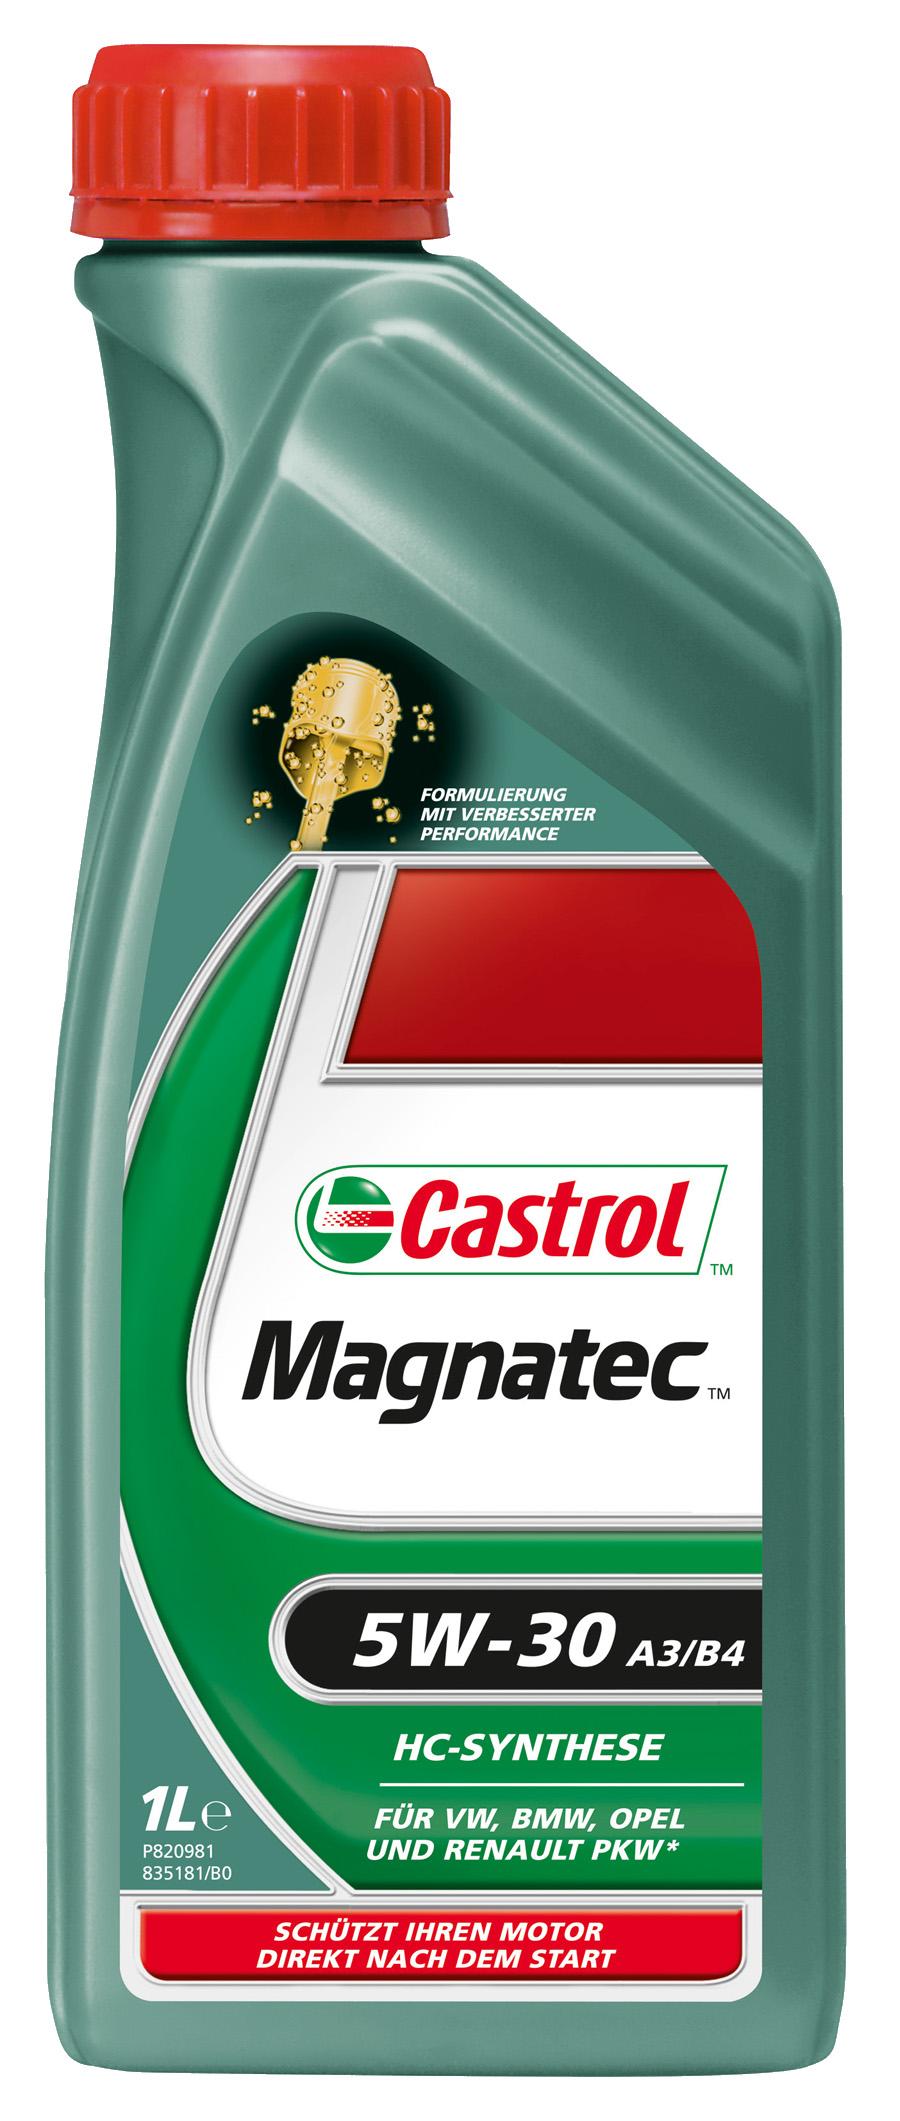 CASTROL Magnatec 5W-30 A3/B4 1L